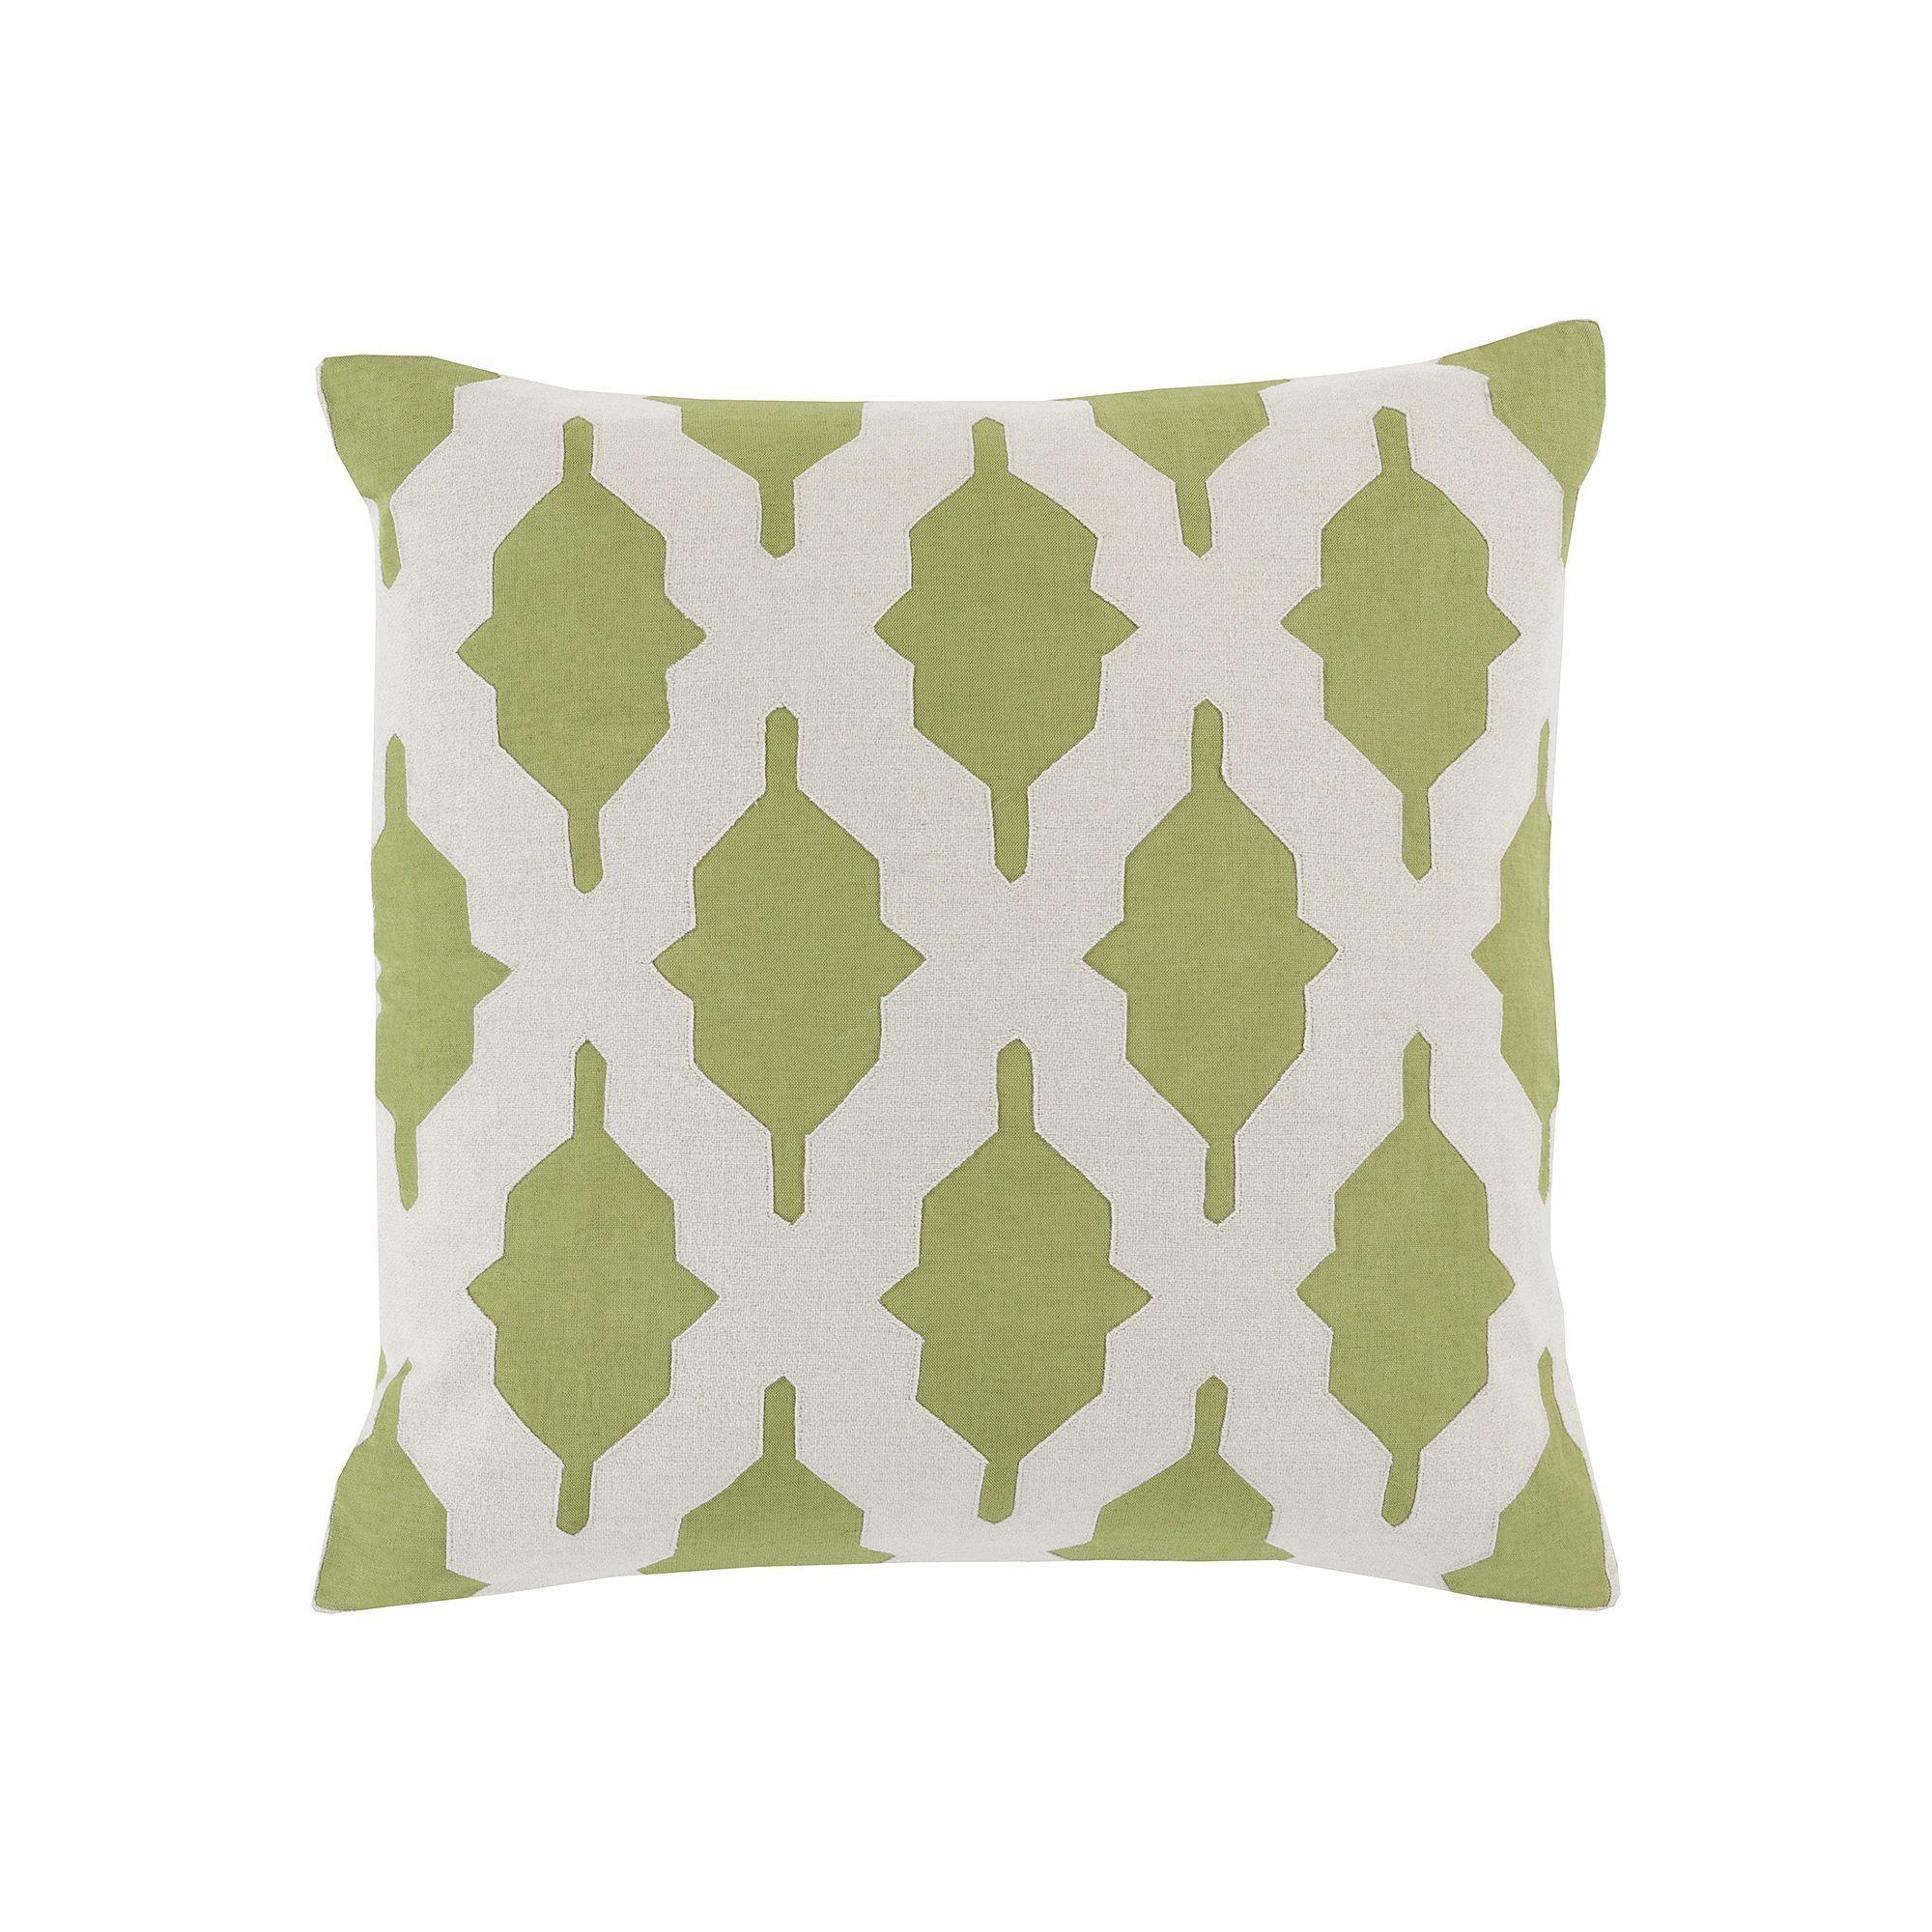 vinetrellis pillows pillow trellis gray ienjoy product duvet vine cover set home